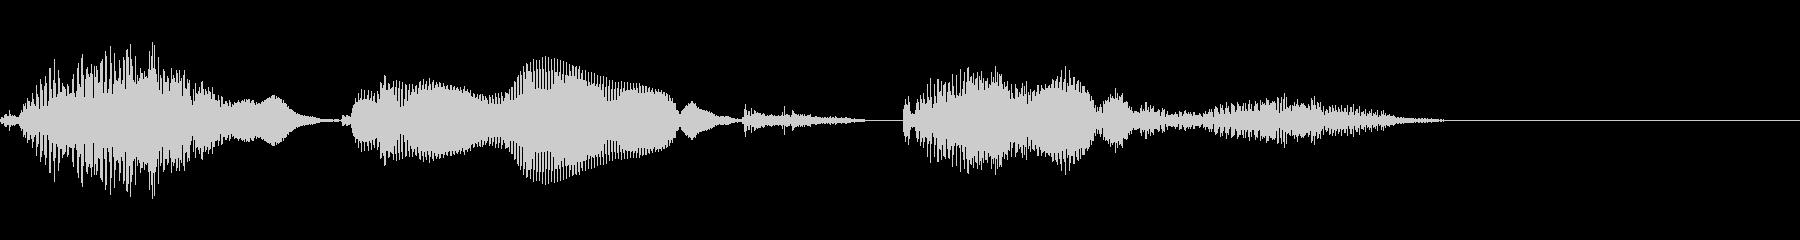 キャンペーン期間は(effect)の未再生の波形